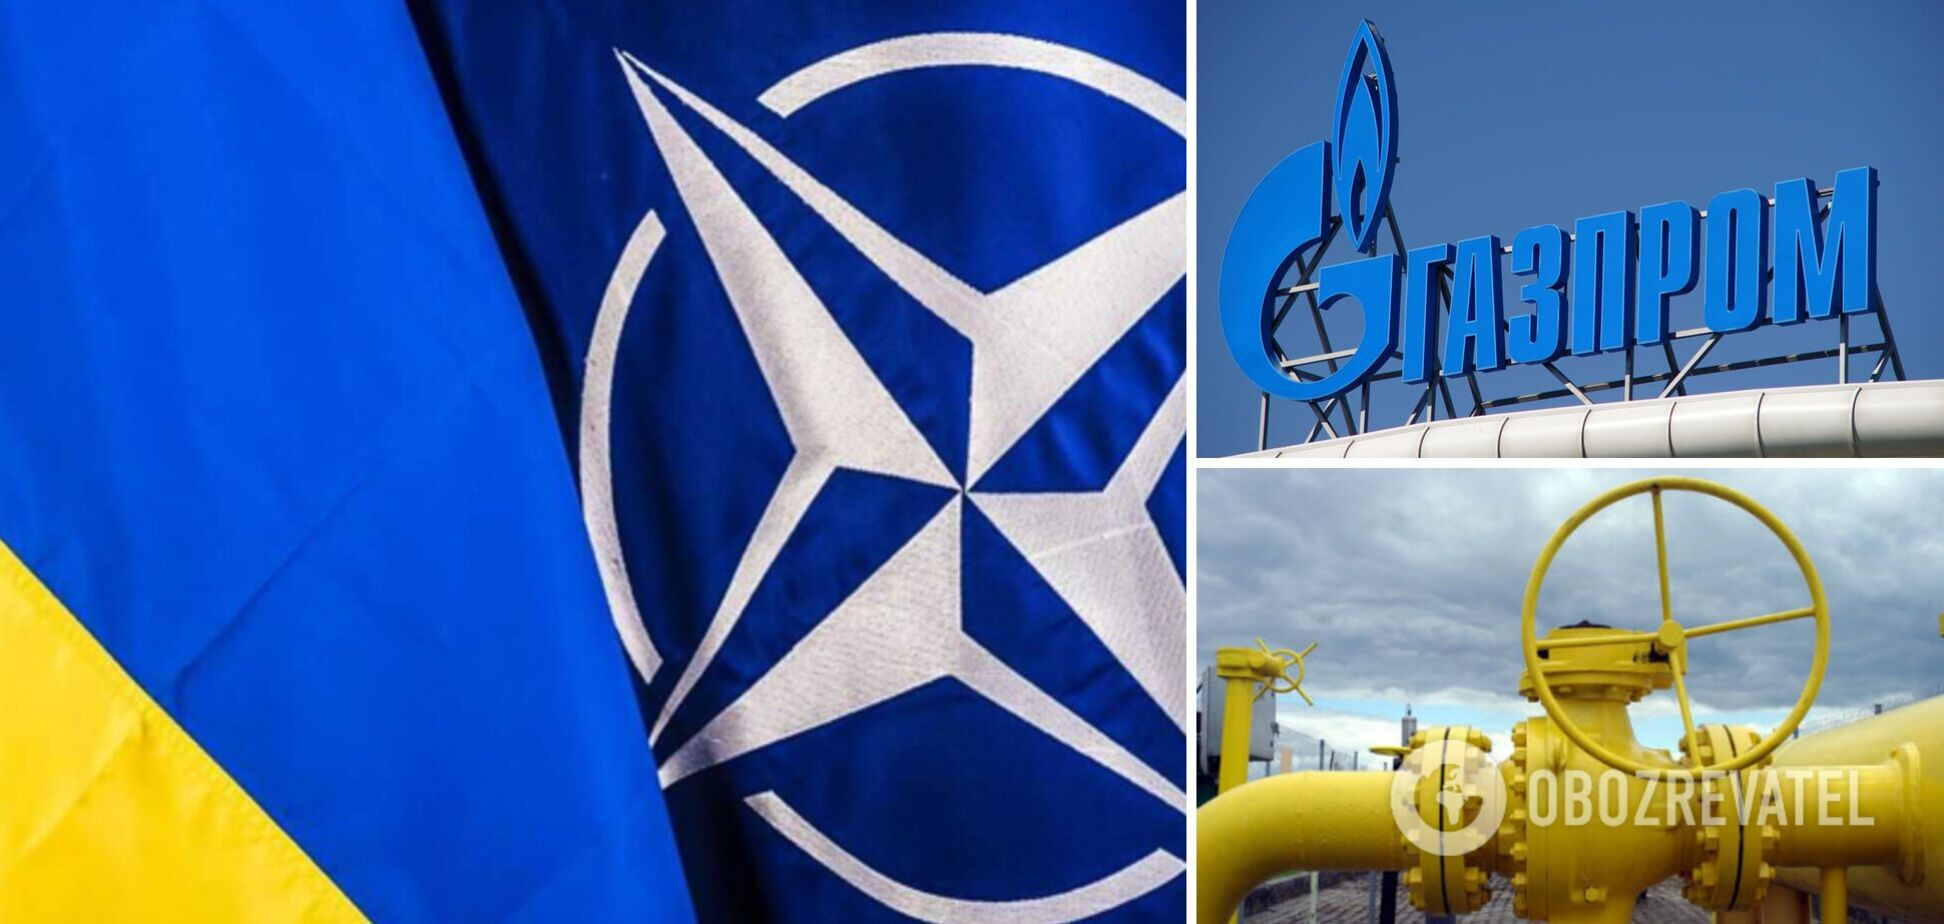 Наслідки дій 'Газпрому' вже відчули в НАТО